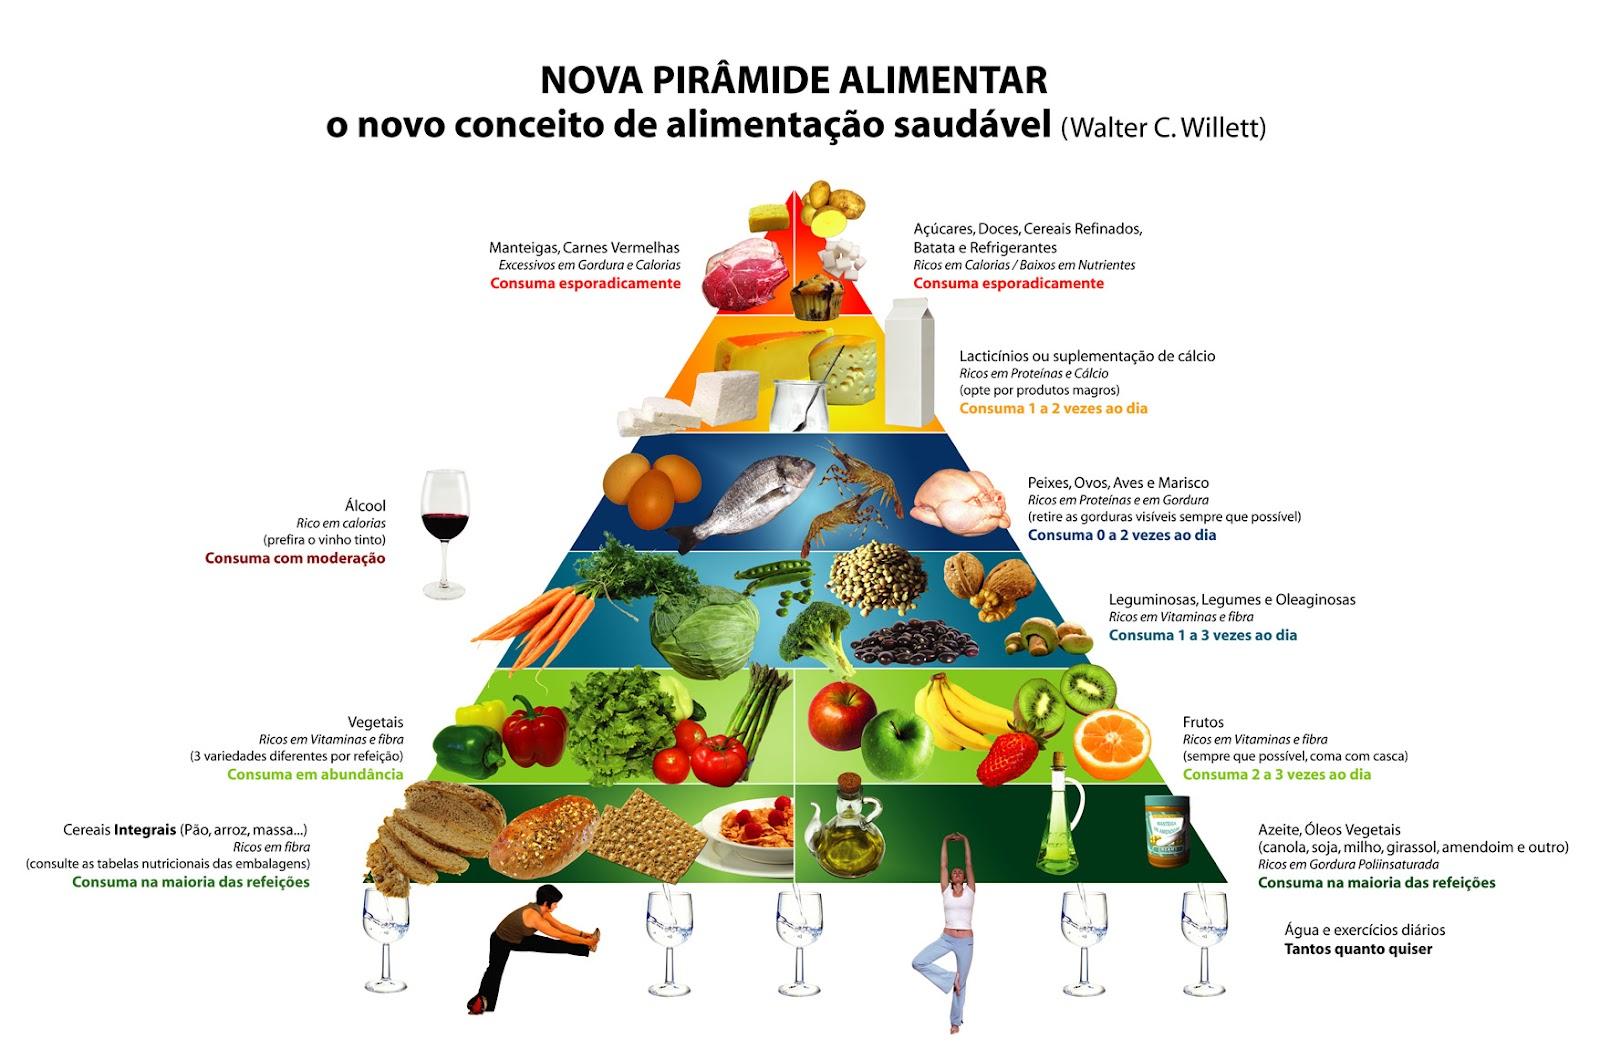 Denise Mineiro - Alimentos funcionais